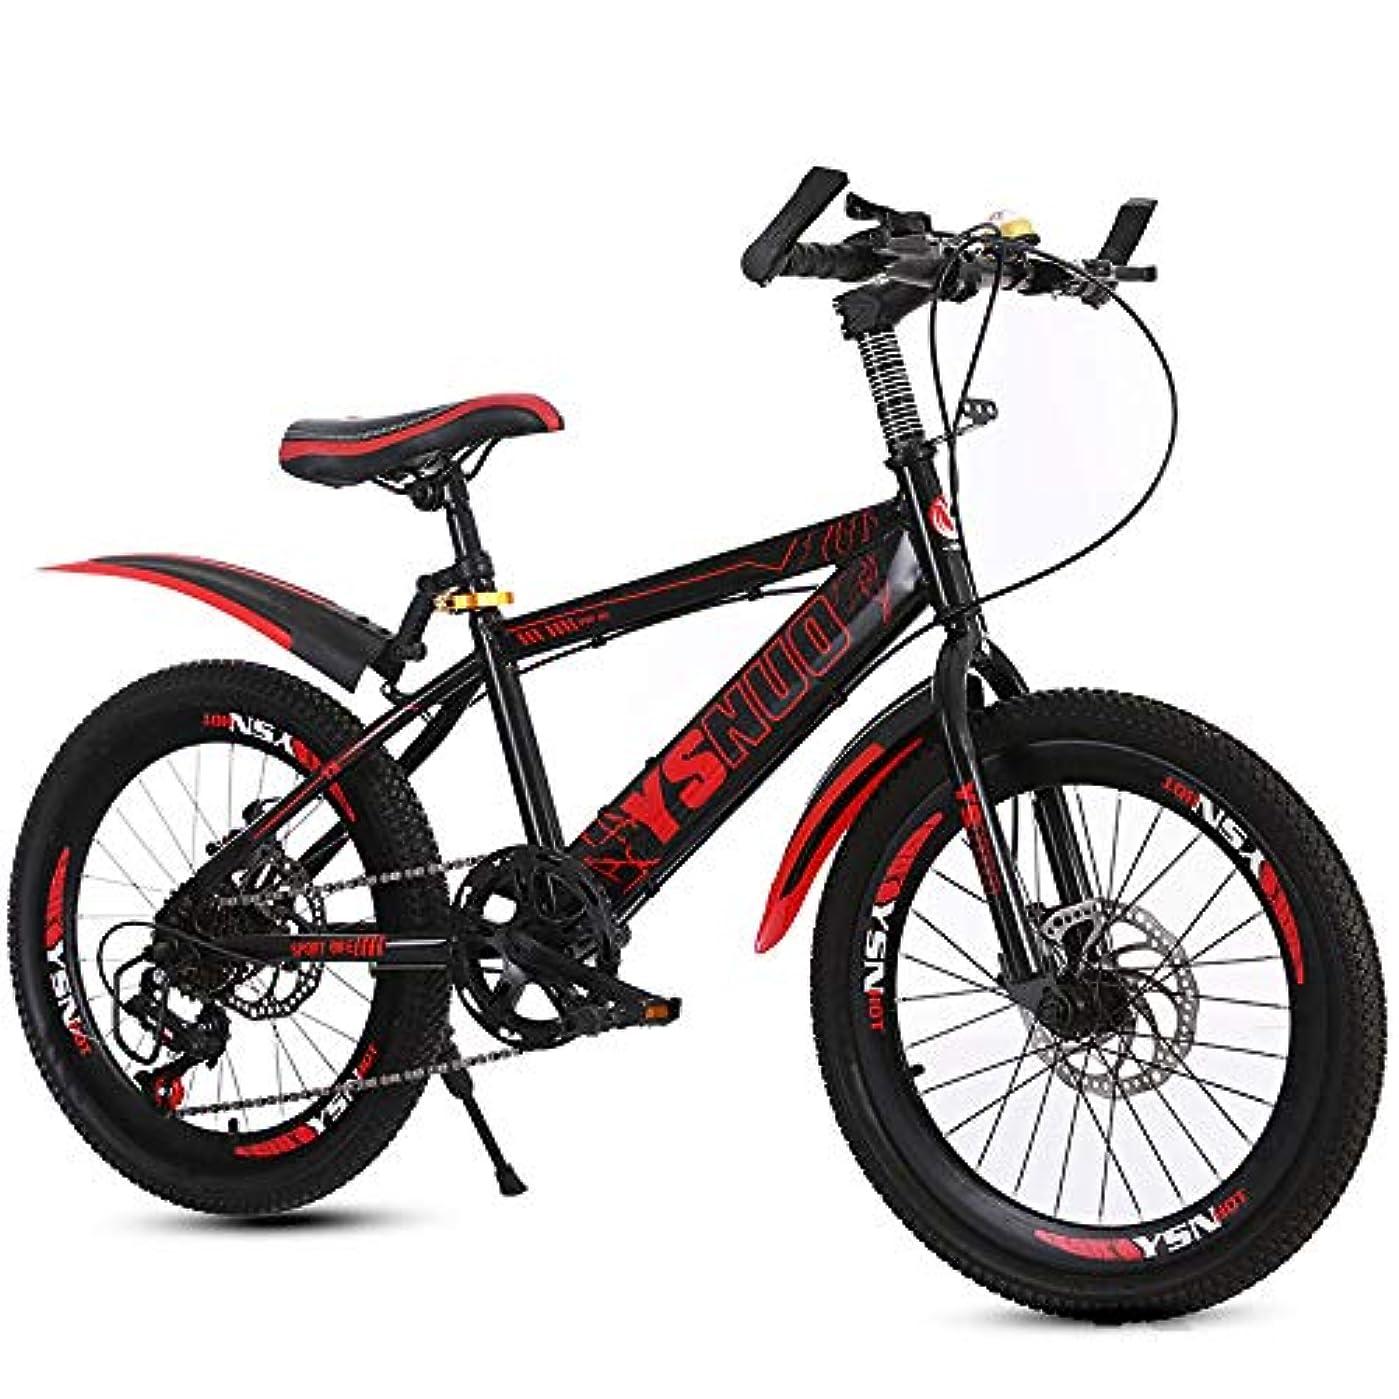 箱控えめな縮約子供用マウンテンバイク、デュアルディスクブレーキスピード6?13歳の男の子と女の子の小学生用バイク、20/22インチユースサイクリング、MTB,赤,20 inches